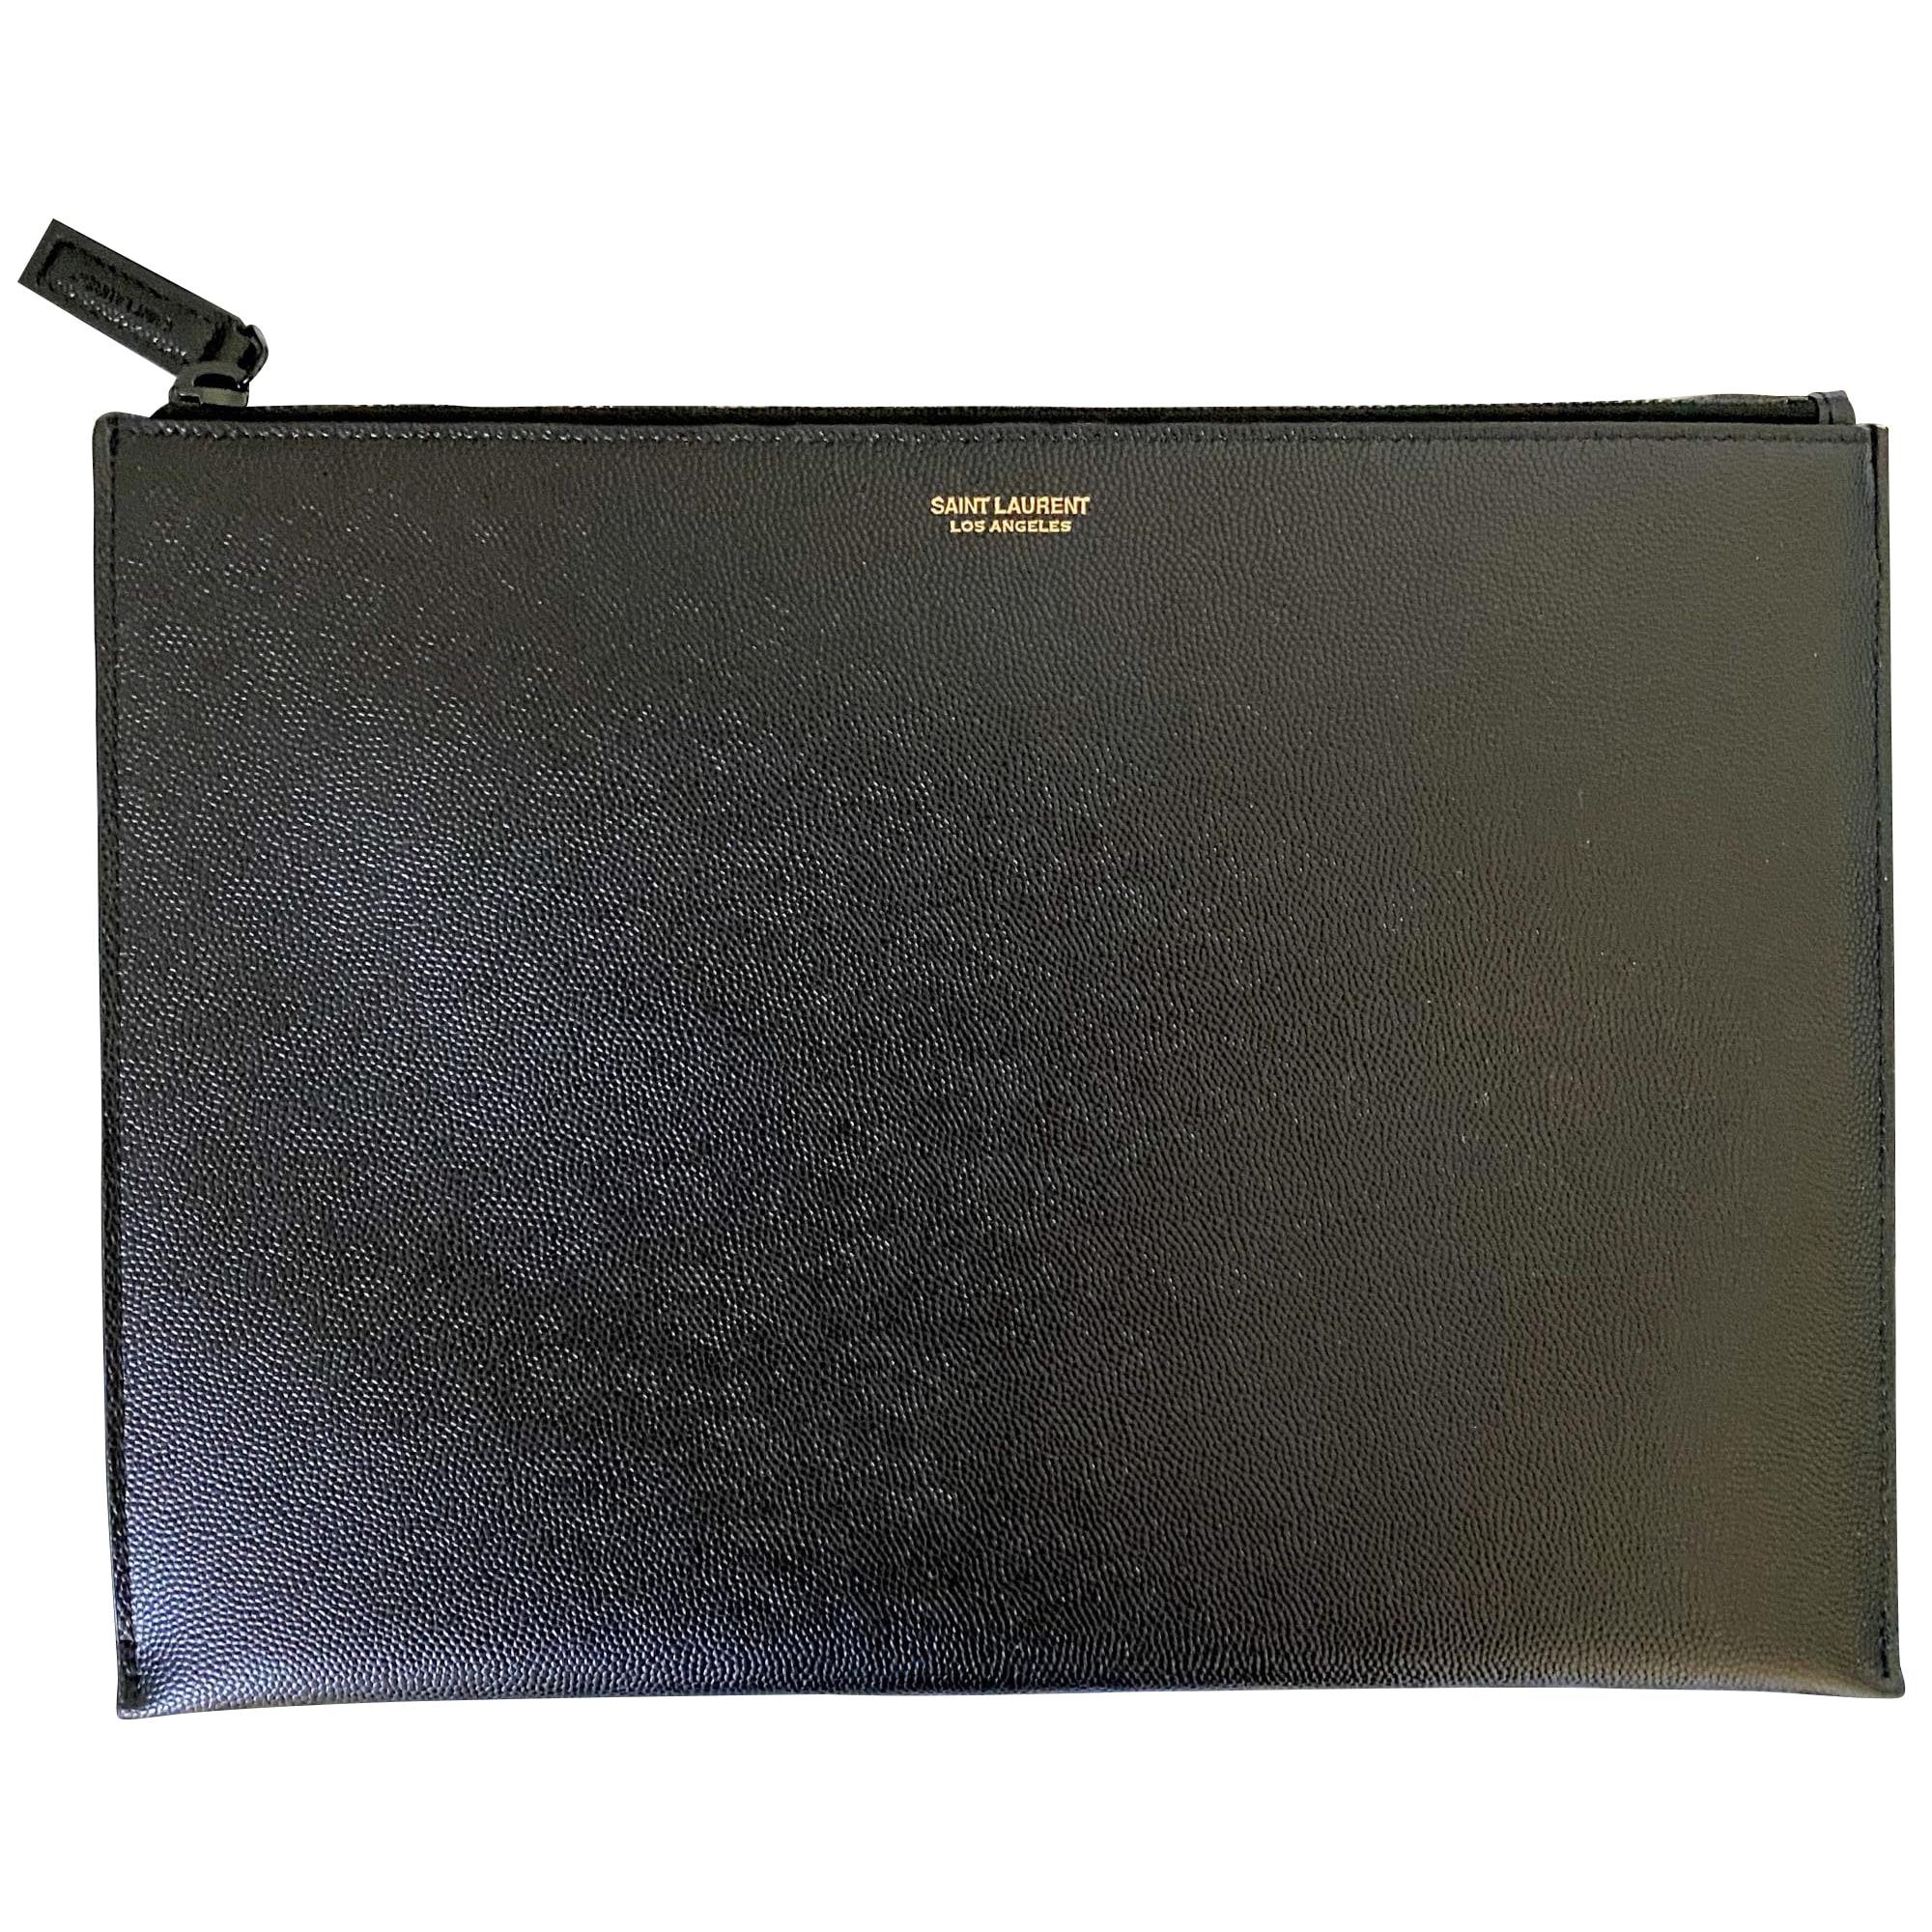 Porte document, serviette SAINT LAURENT Noir